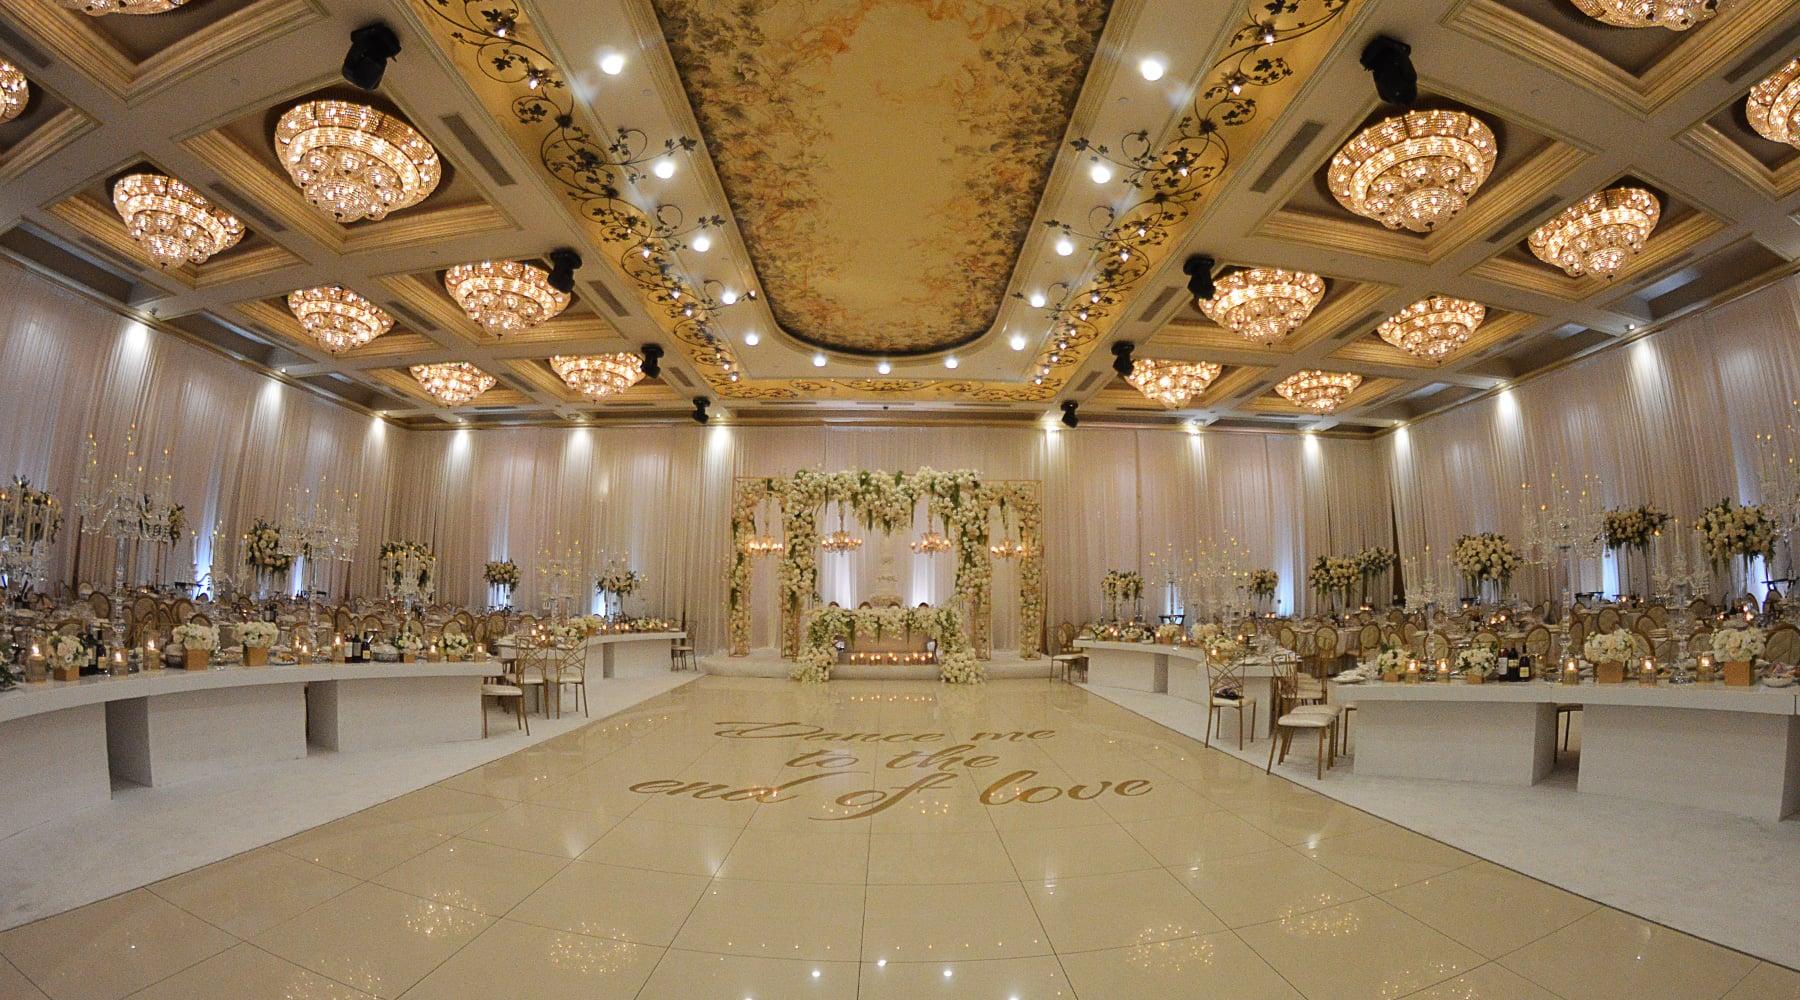 Renaissance Banquet Hall - Grand Ballroom